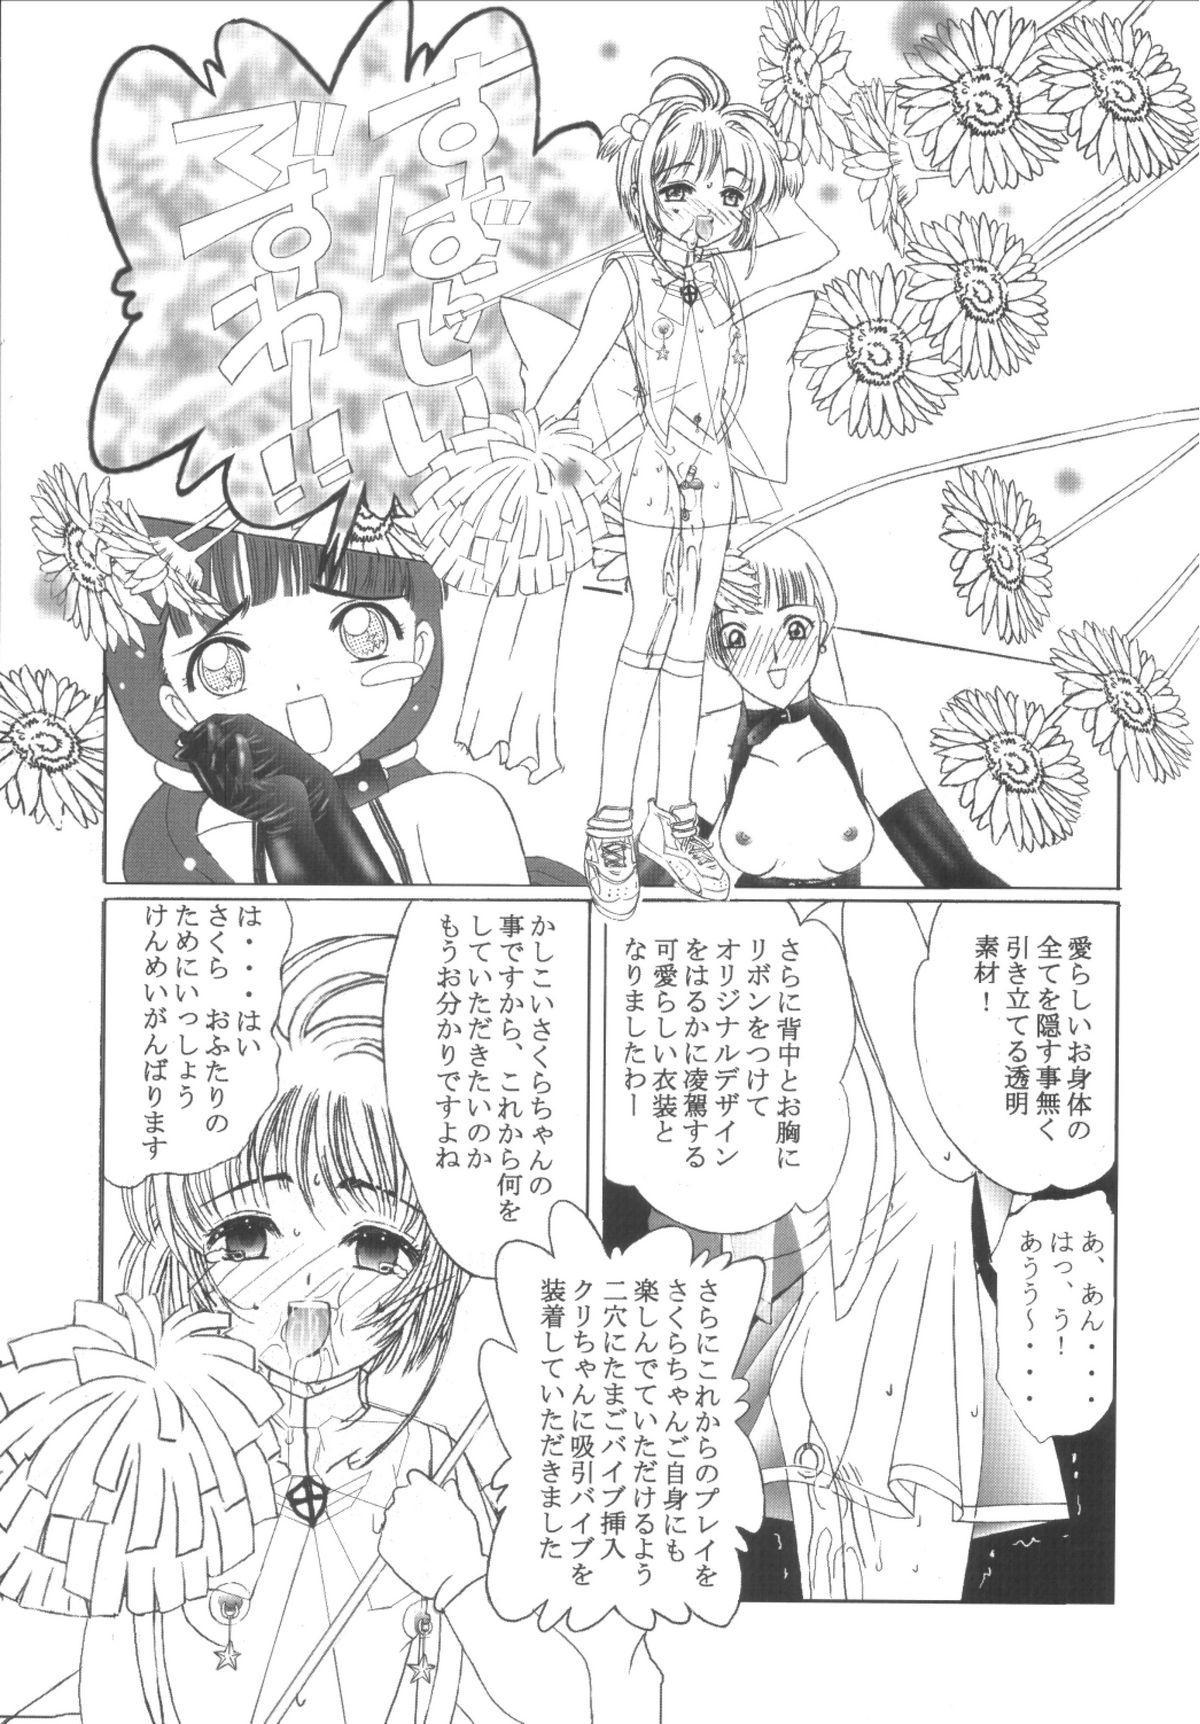 Kuuronziyou 10 Sakura-chan de Asobou 5 12